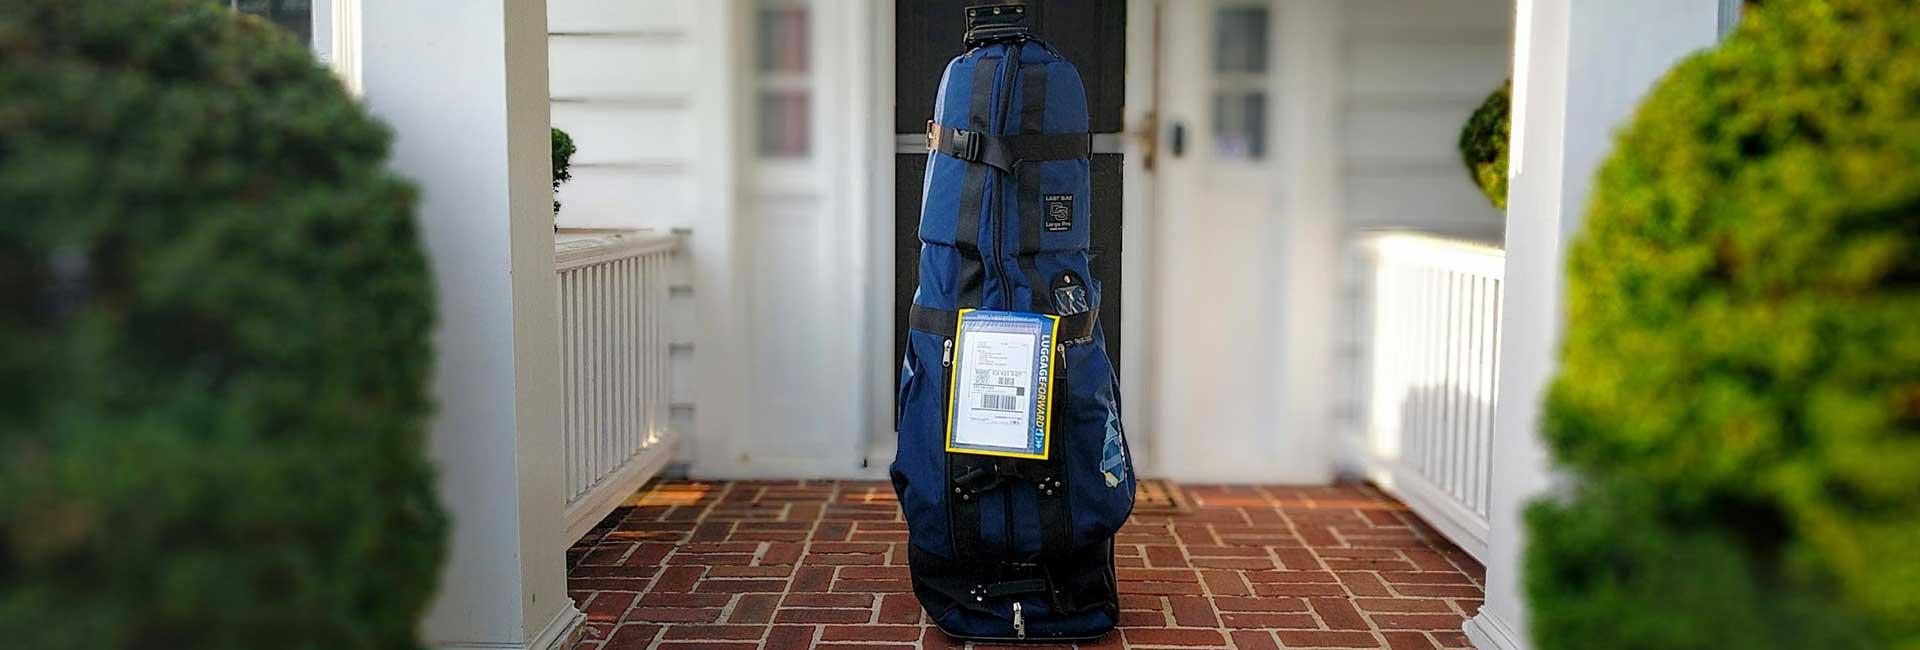 Luggage-Forward-Ship-Golf-Clubs-St-Andrews-Golf-Week